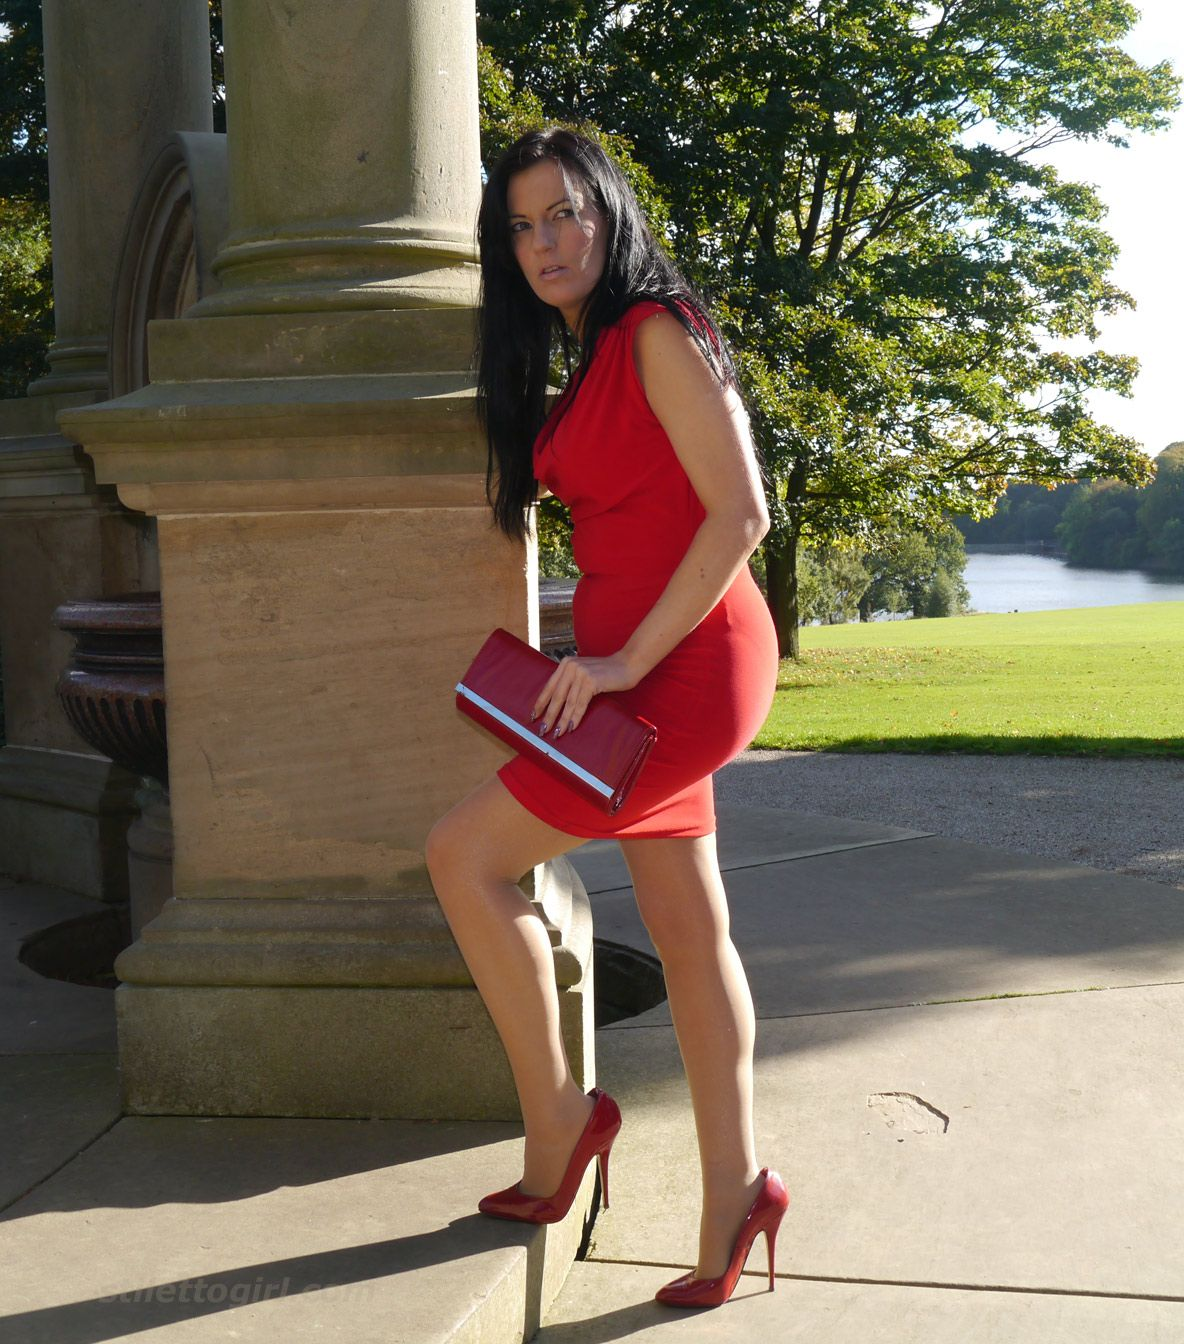 Mature women high heels